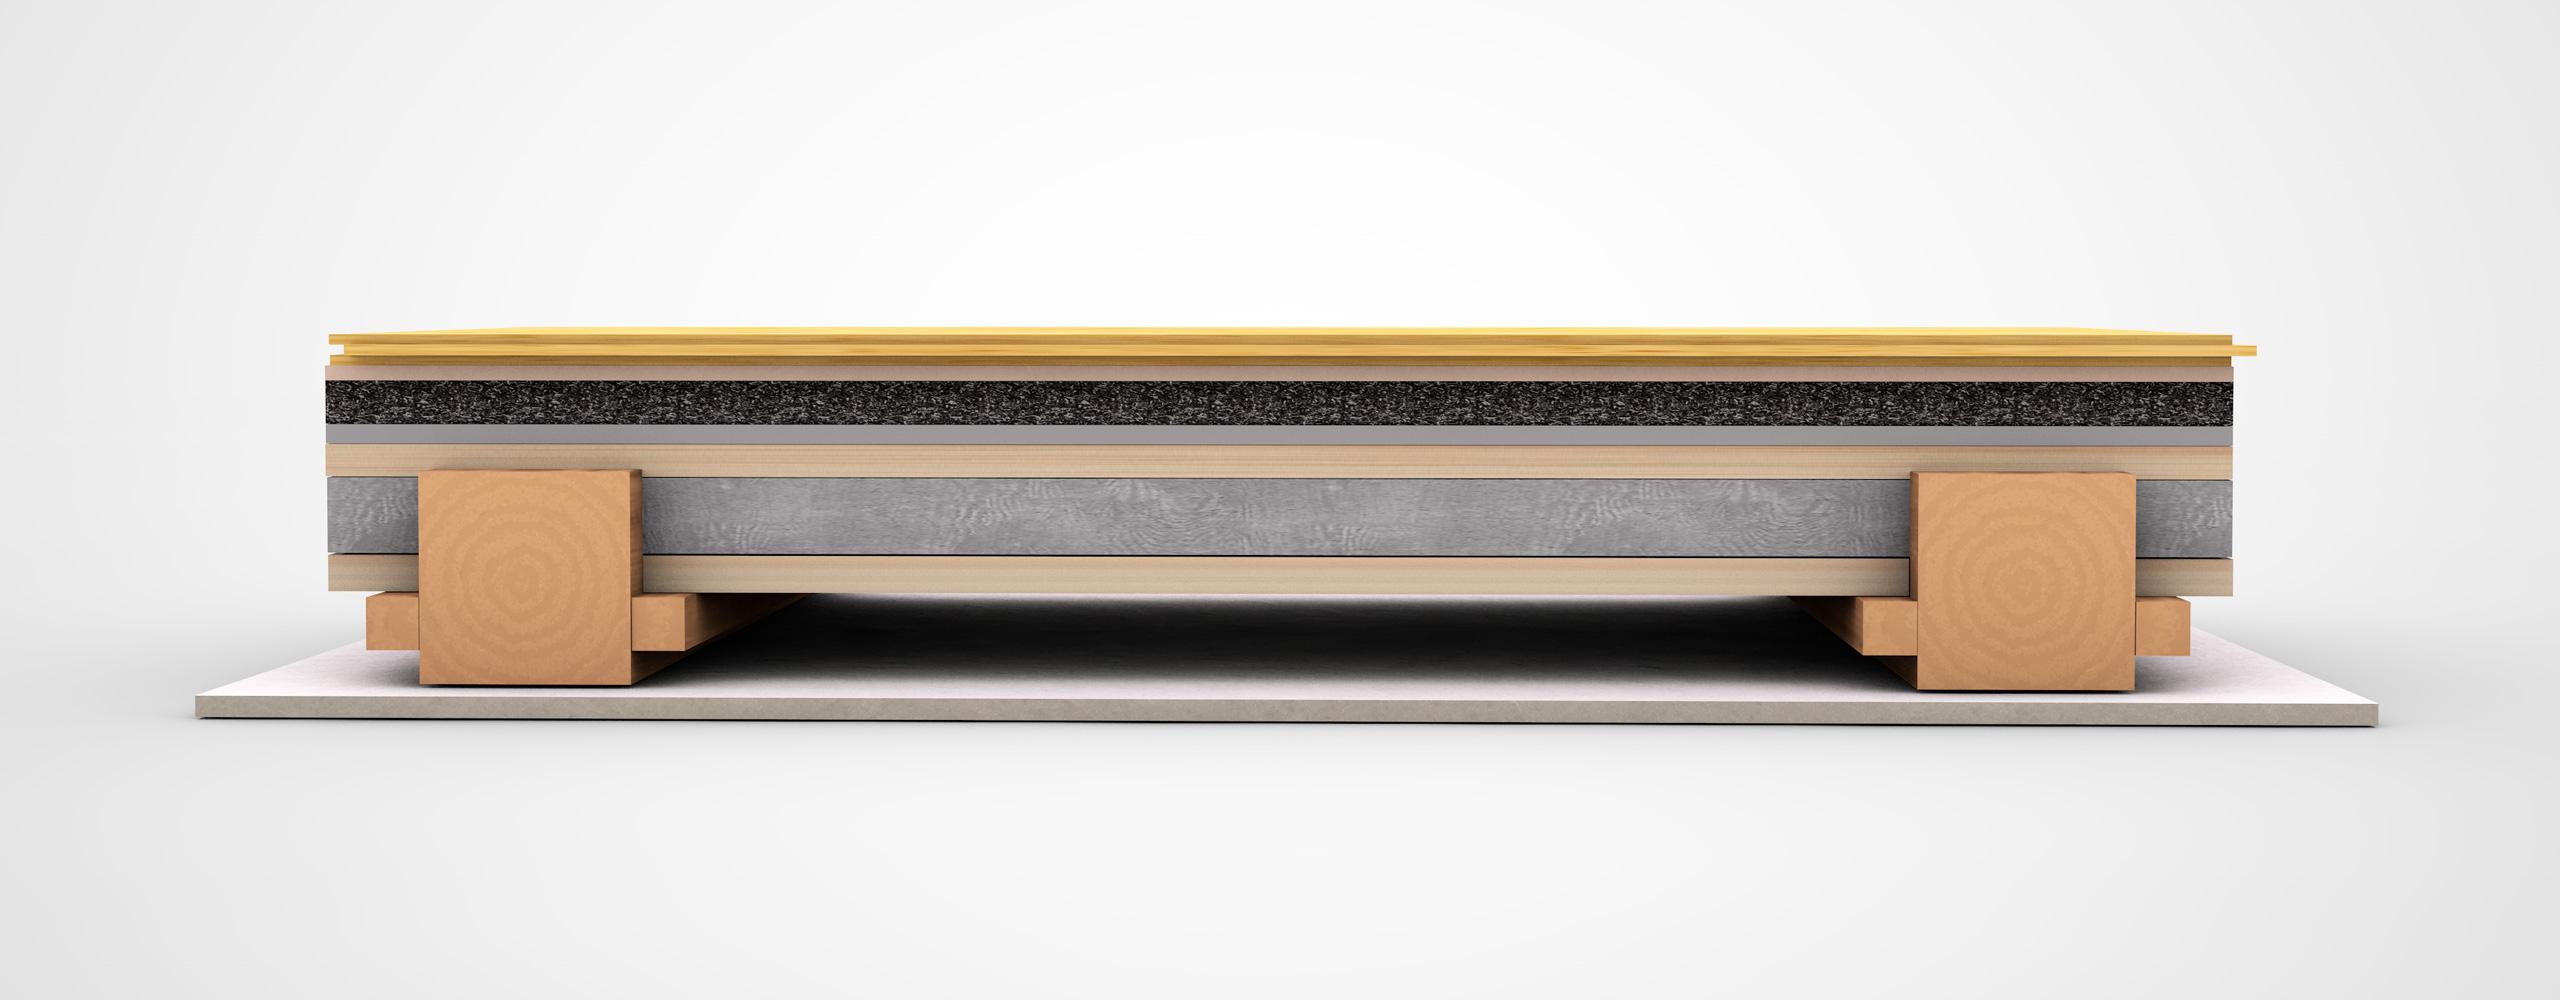 empfehlungen f r den bodenaufbau mit sch ttungen. Black Bedroom Furniture Sets. Home Design Ideas